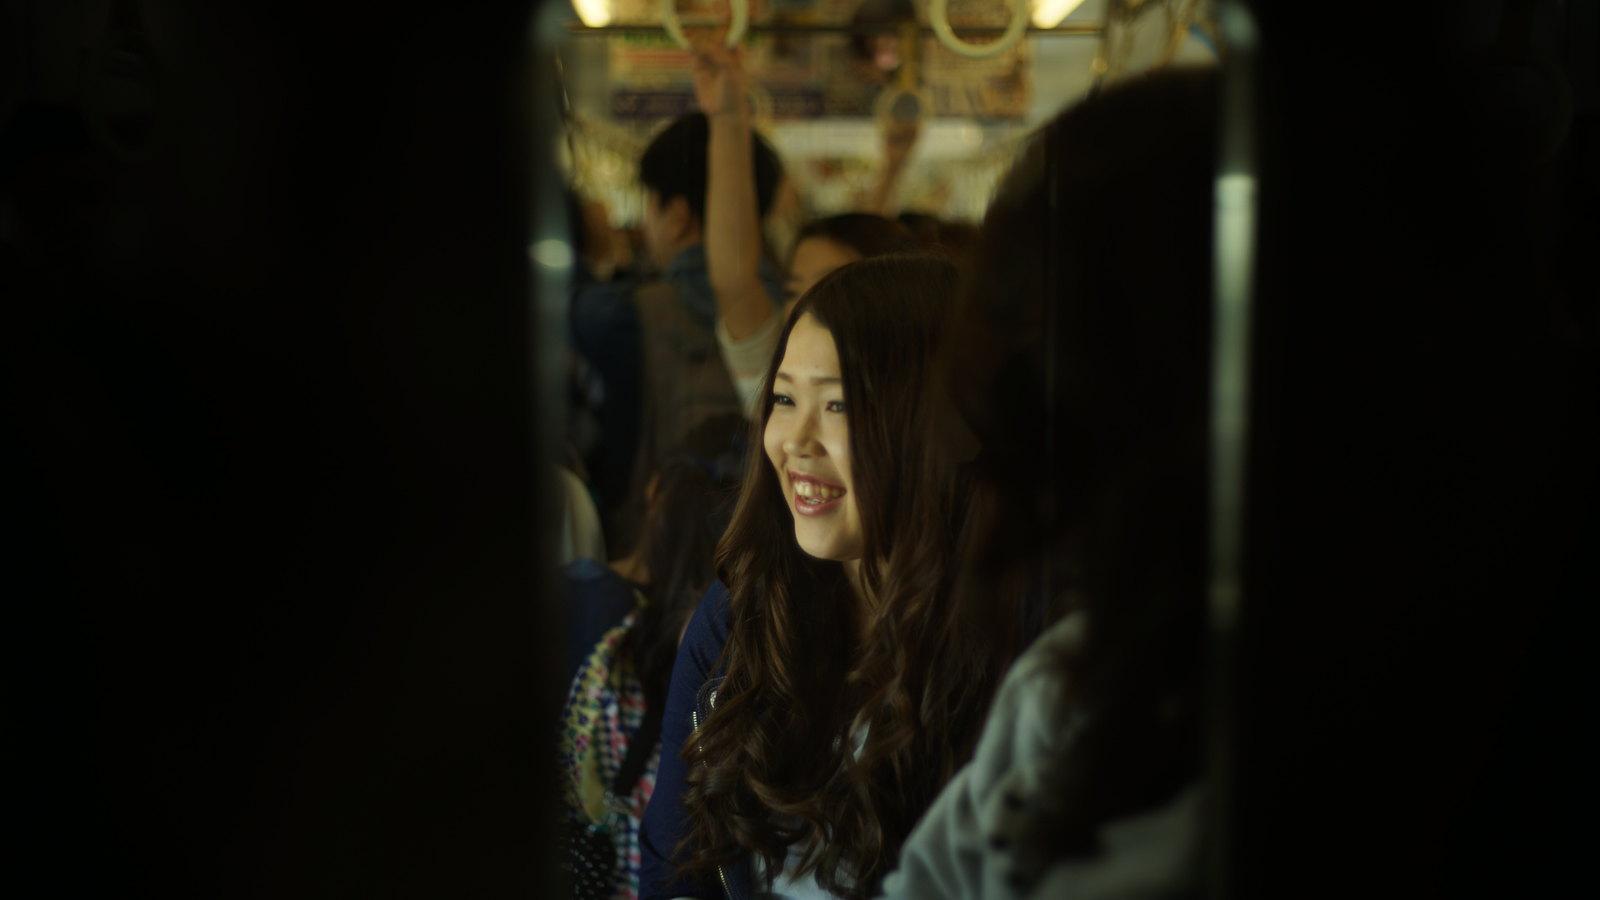 Girl in the next carriage. #foto #japan15 #SonyA7 #Voigtlander40mm #Kyoto